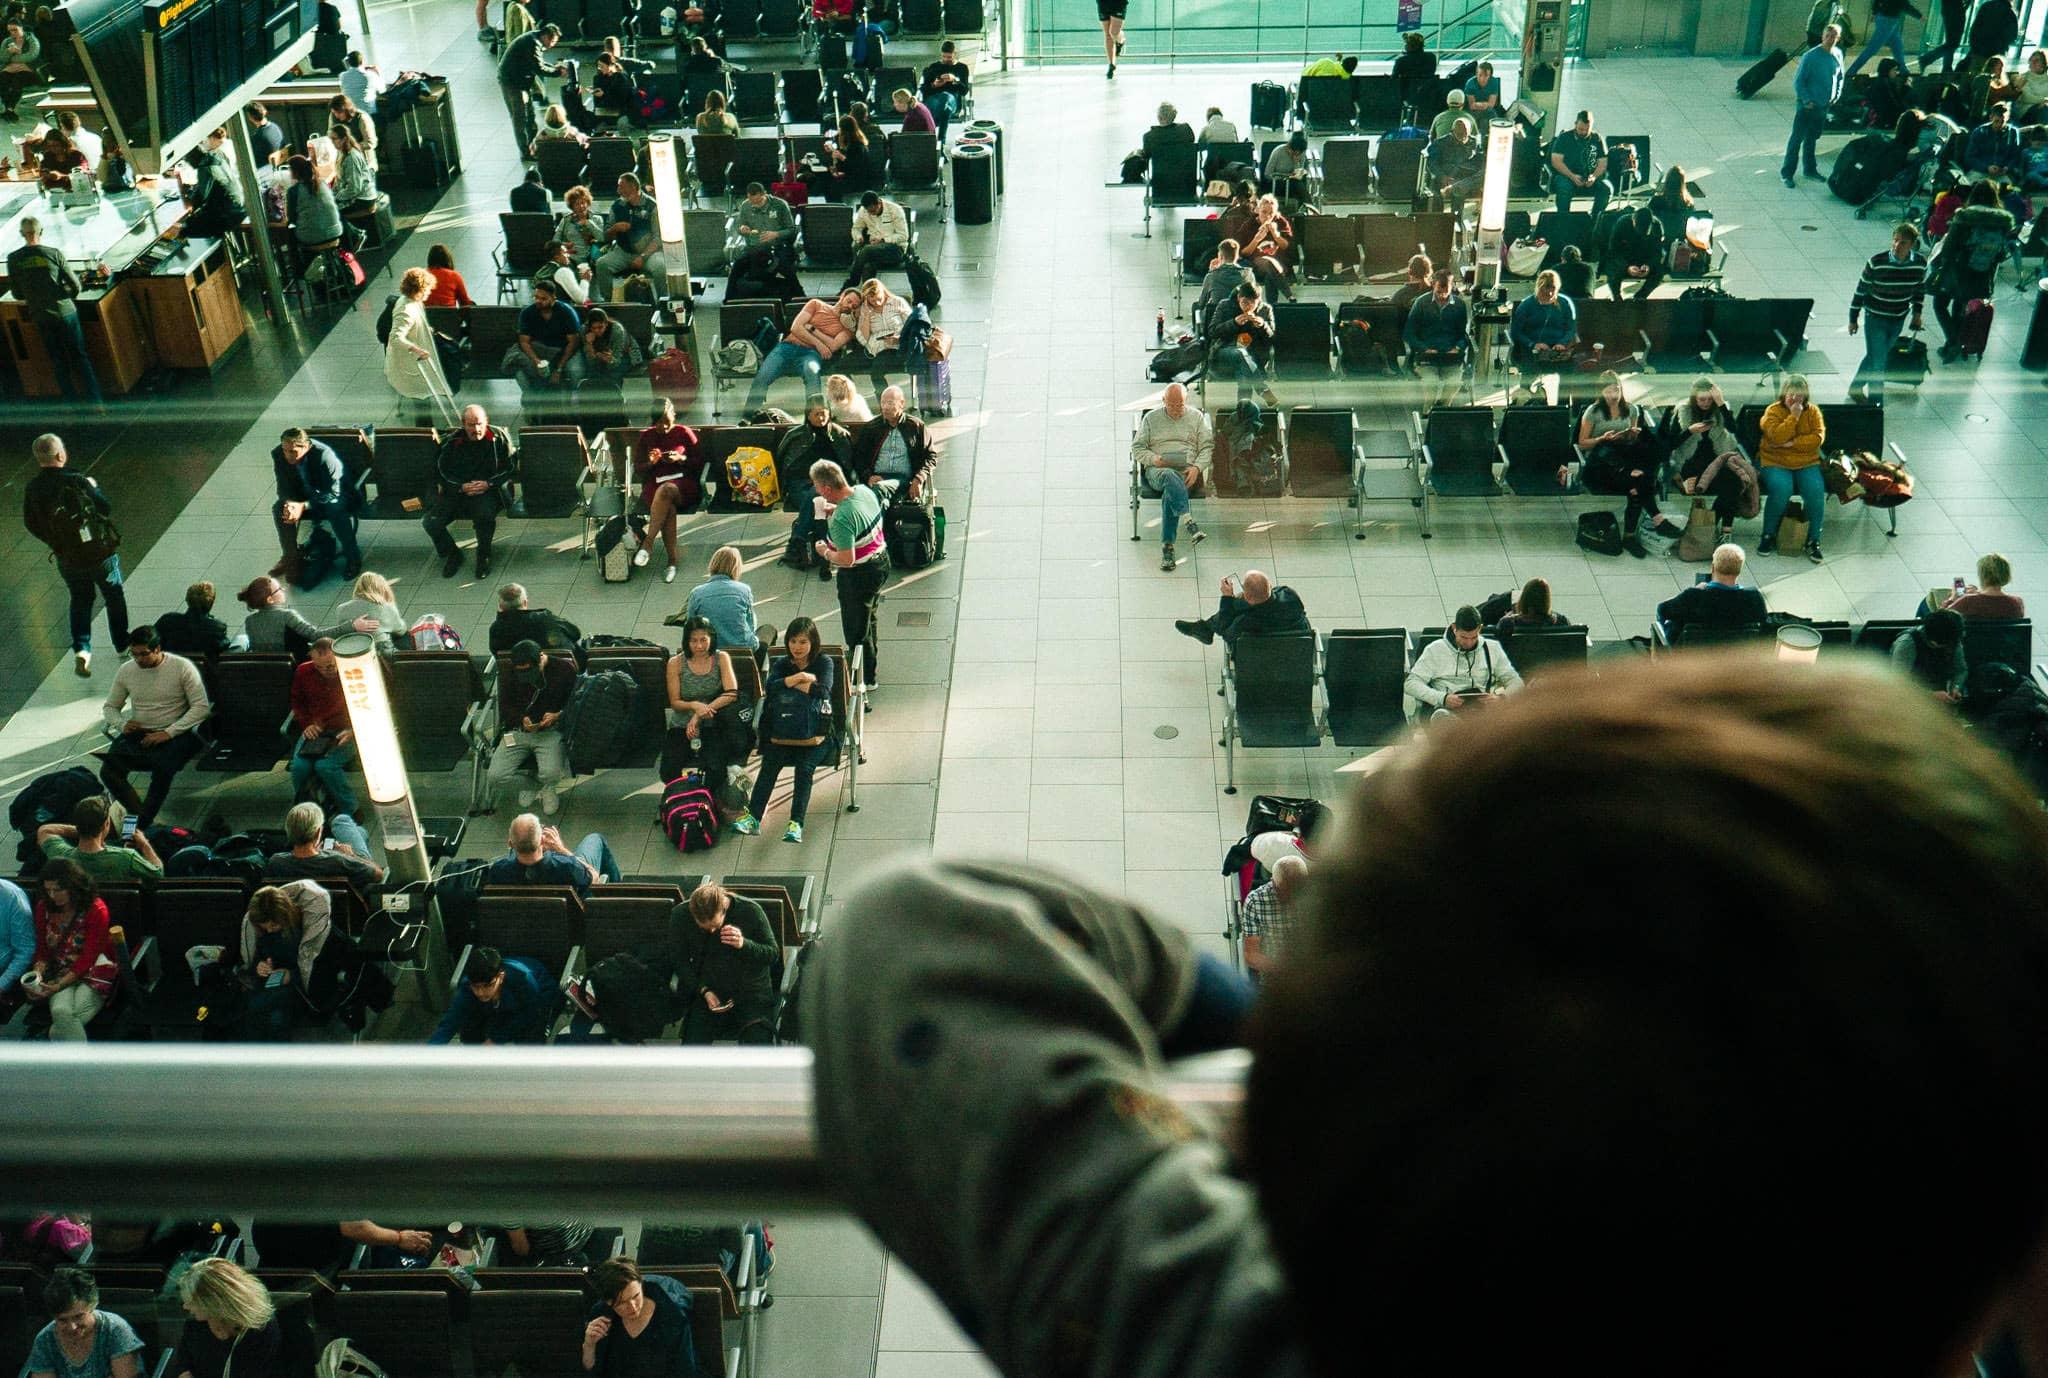 fotografie personali viaggio a dubai00002